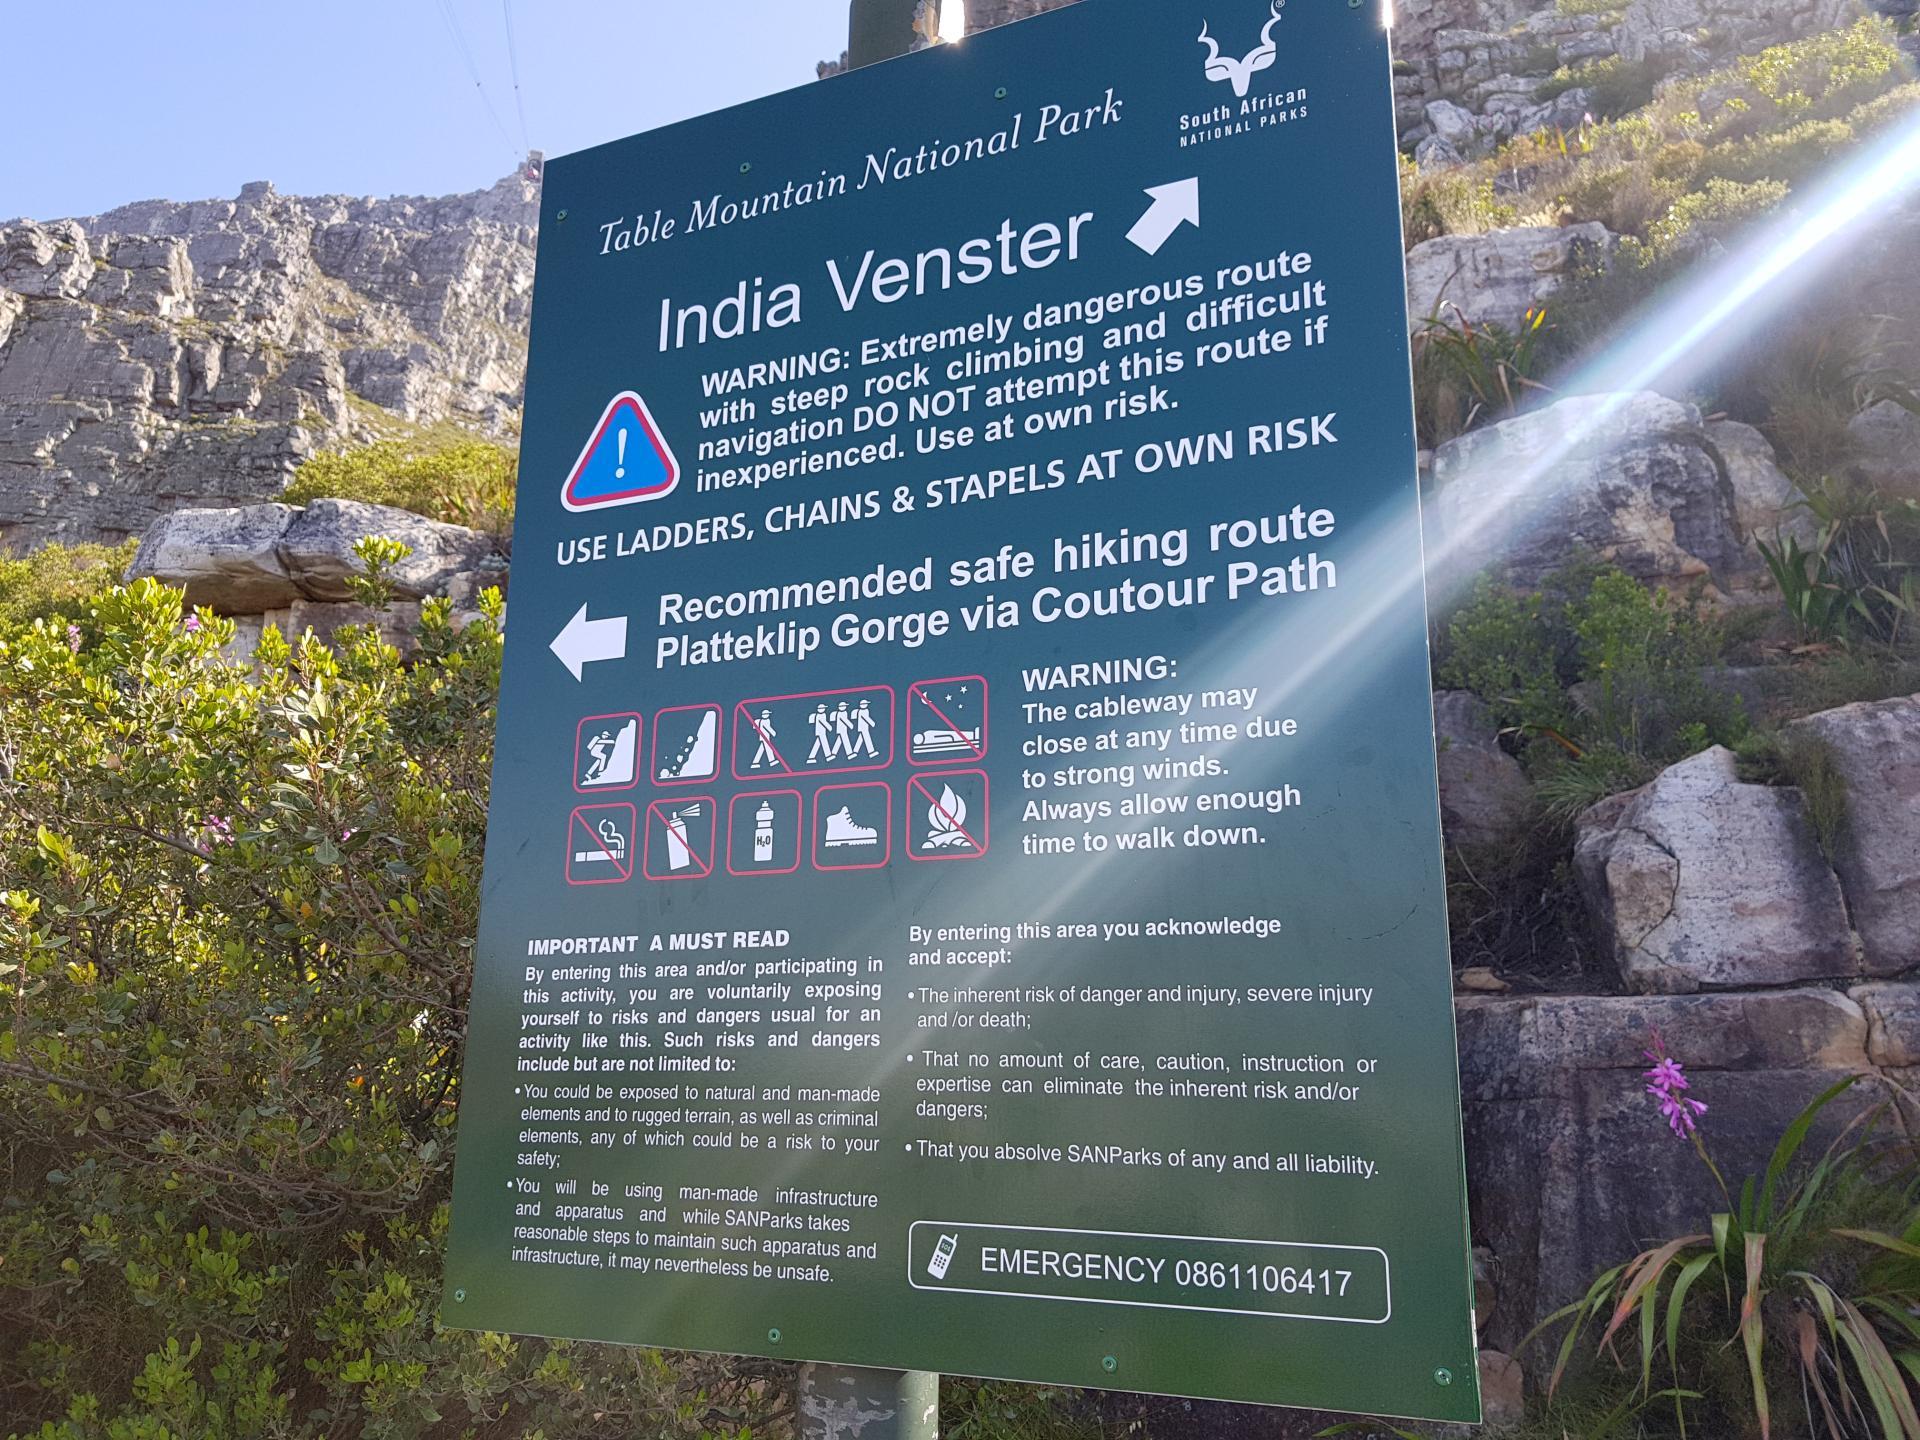 Стенд Индийской тропы у Столовой горы, Кейптаун